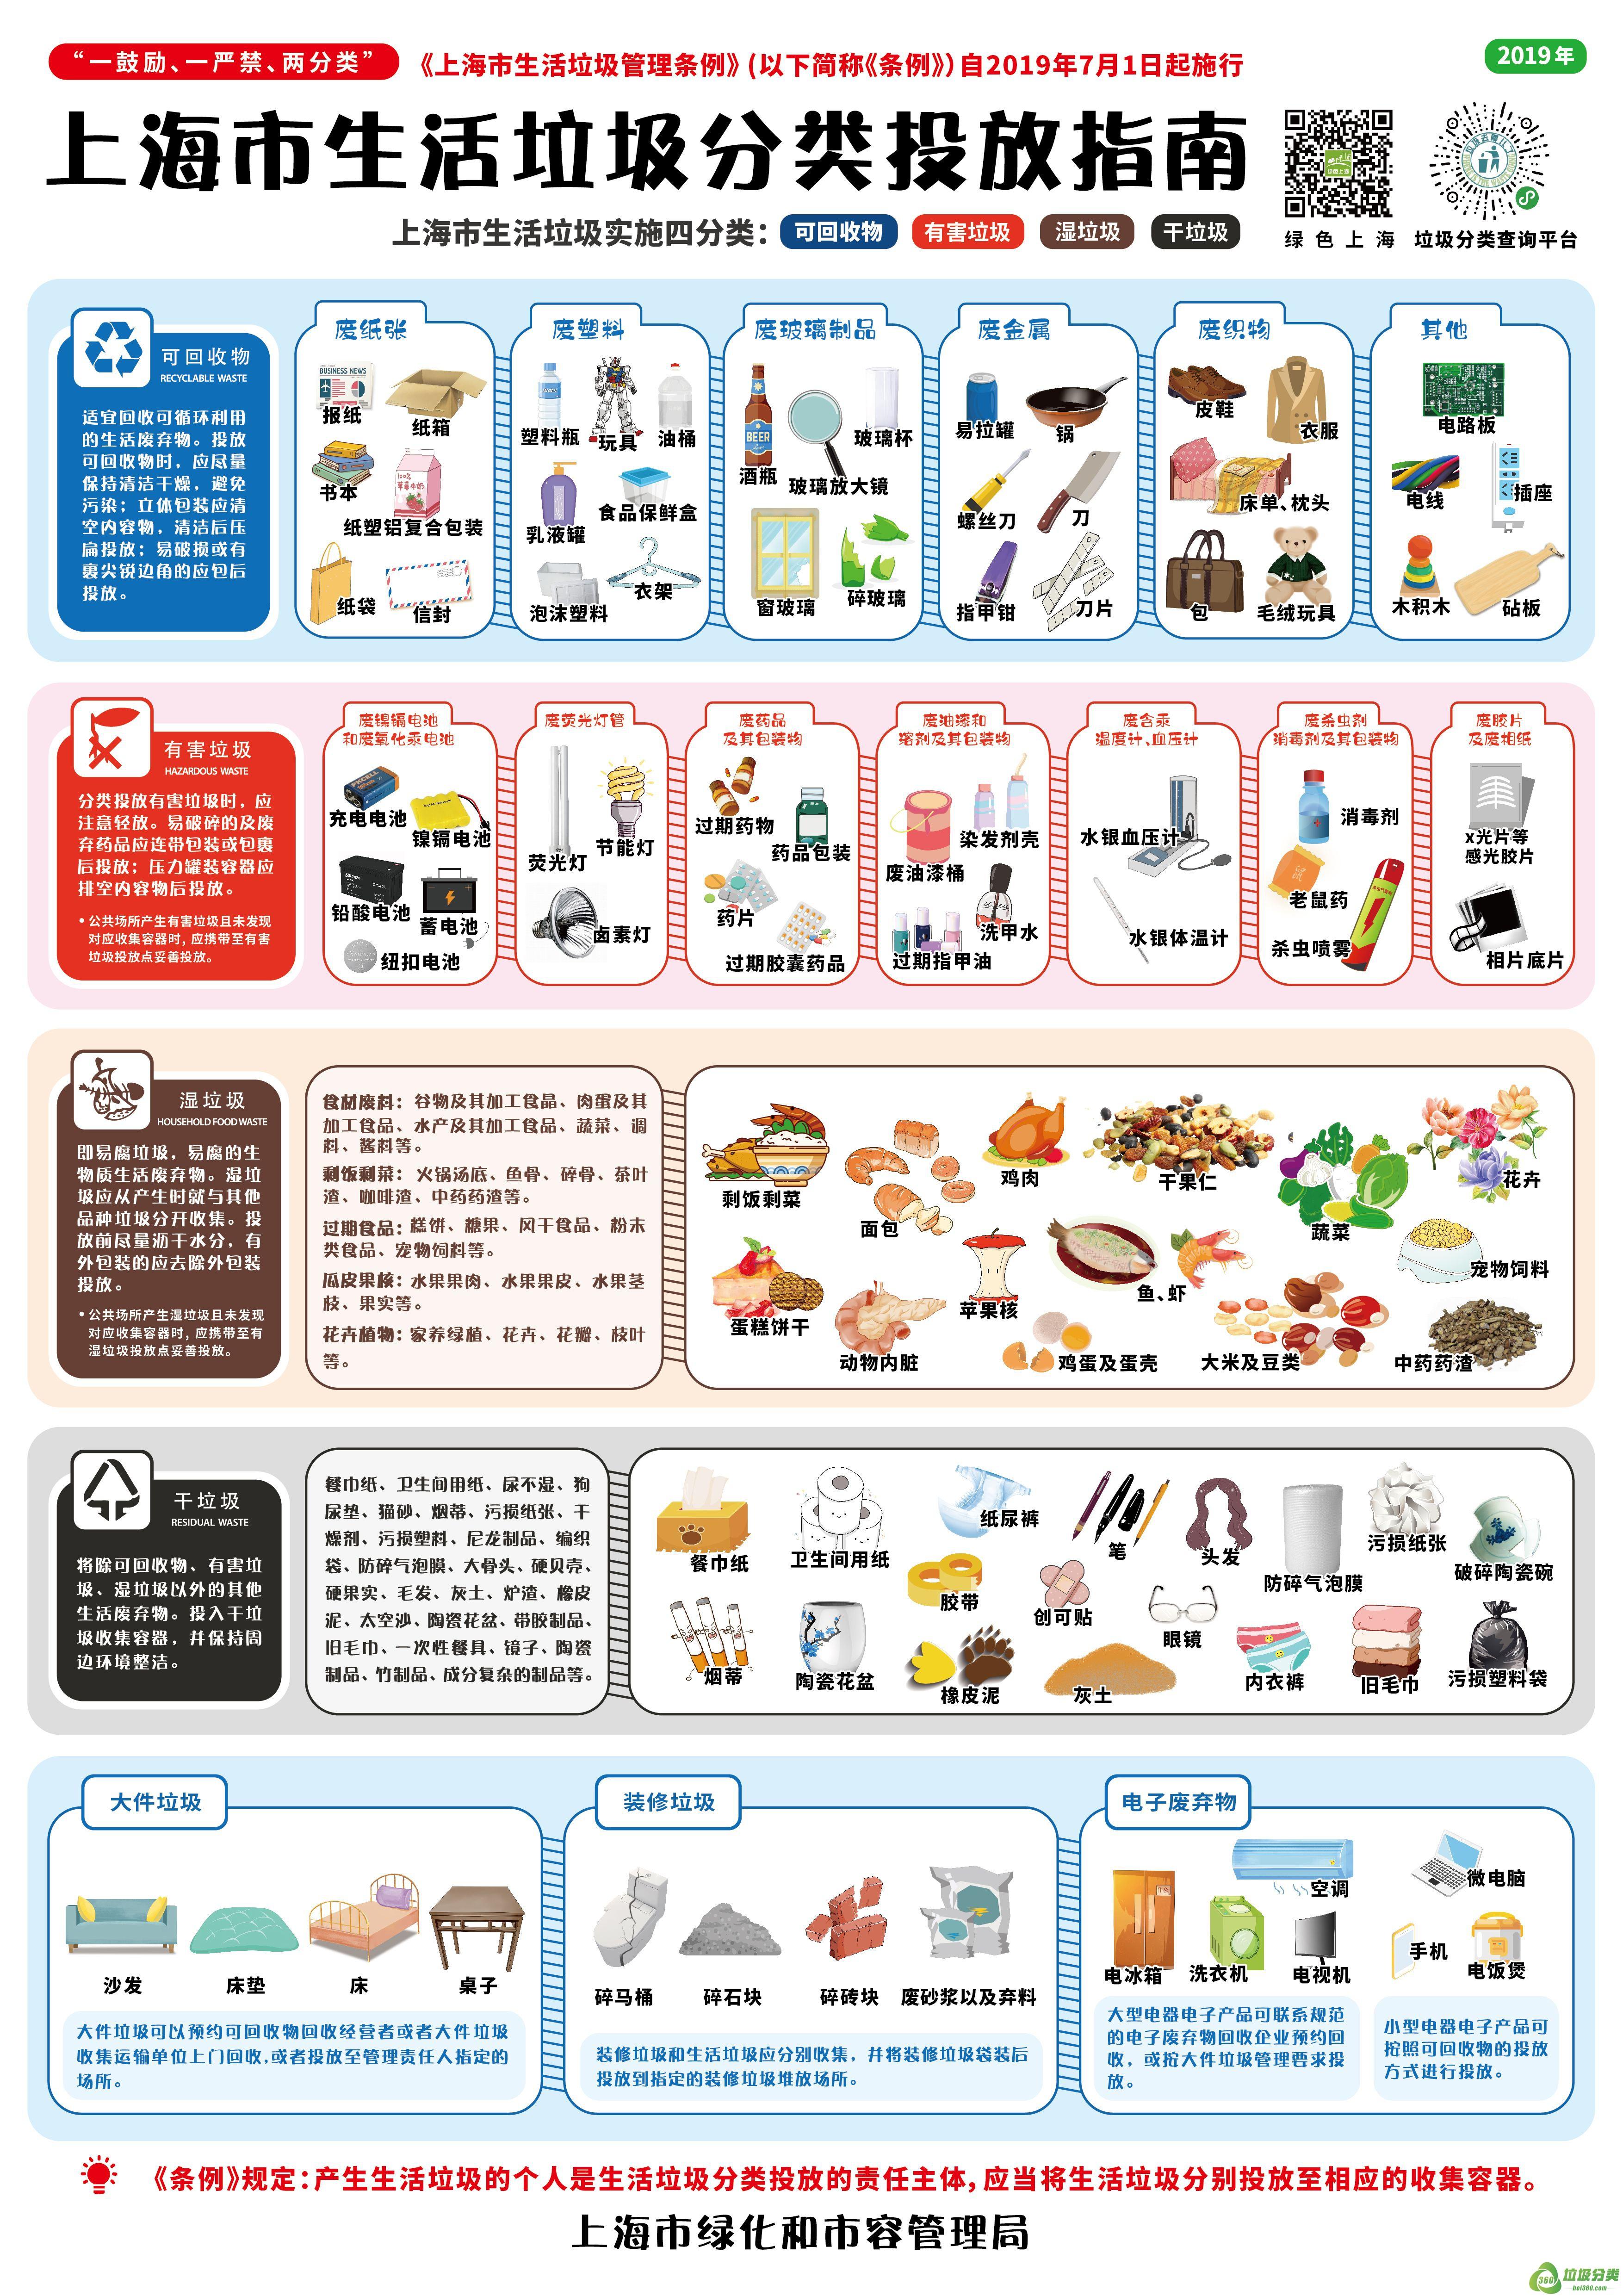 上海市生活垃圾分类投放指南高清图下载